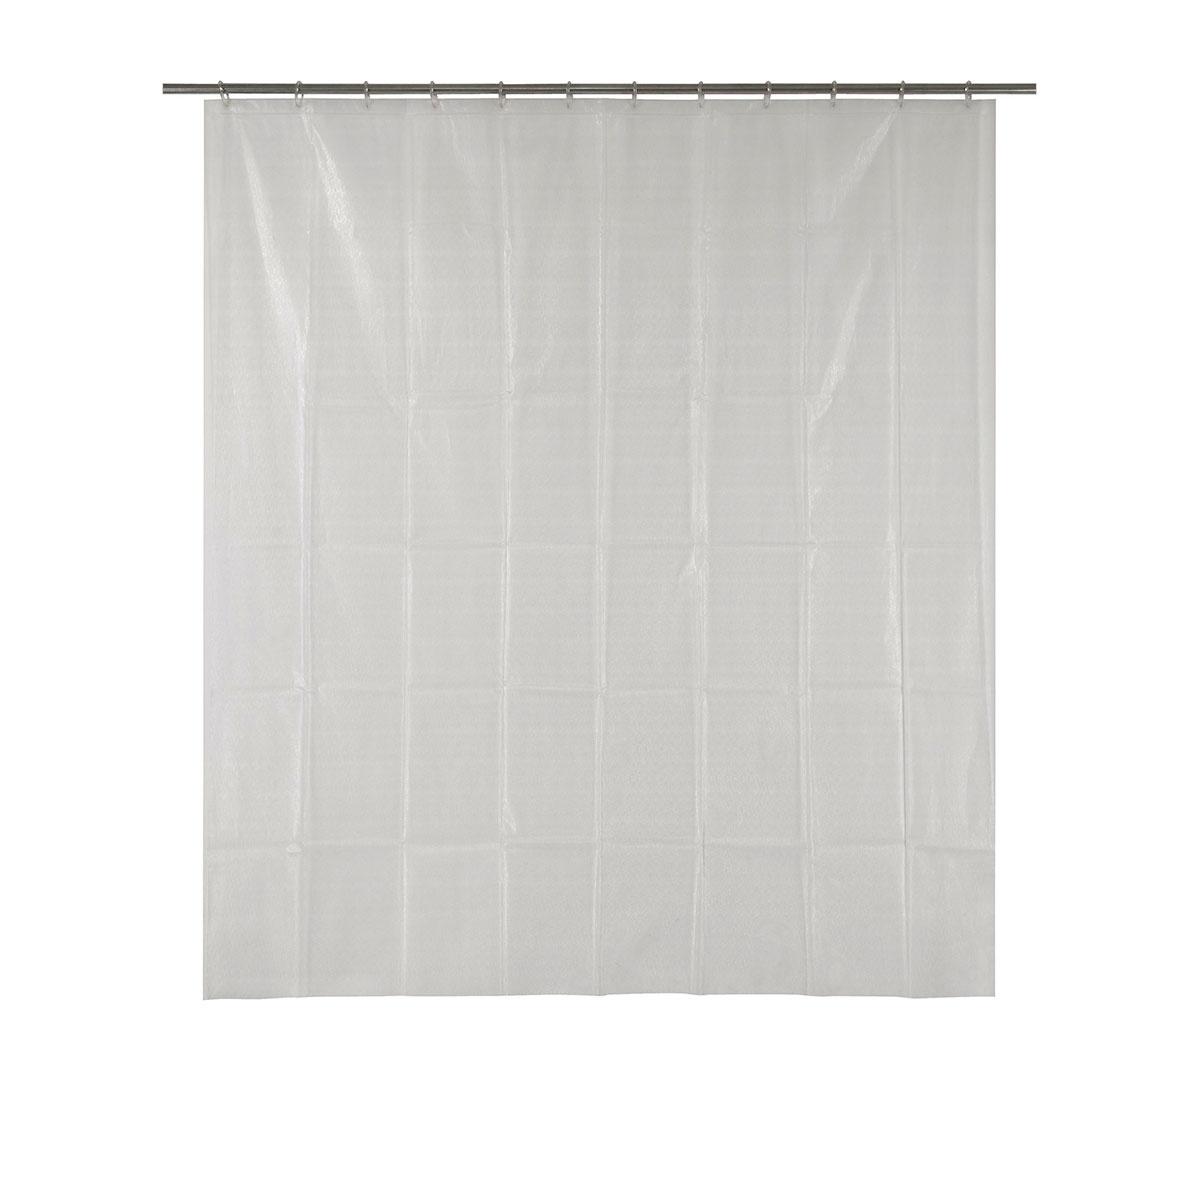 Rideau de douche avec lignes en 3D (Transparent)